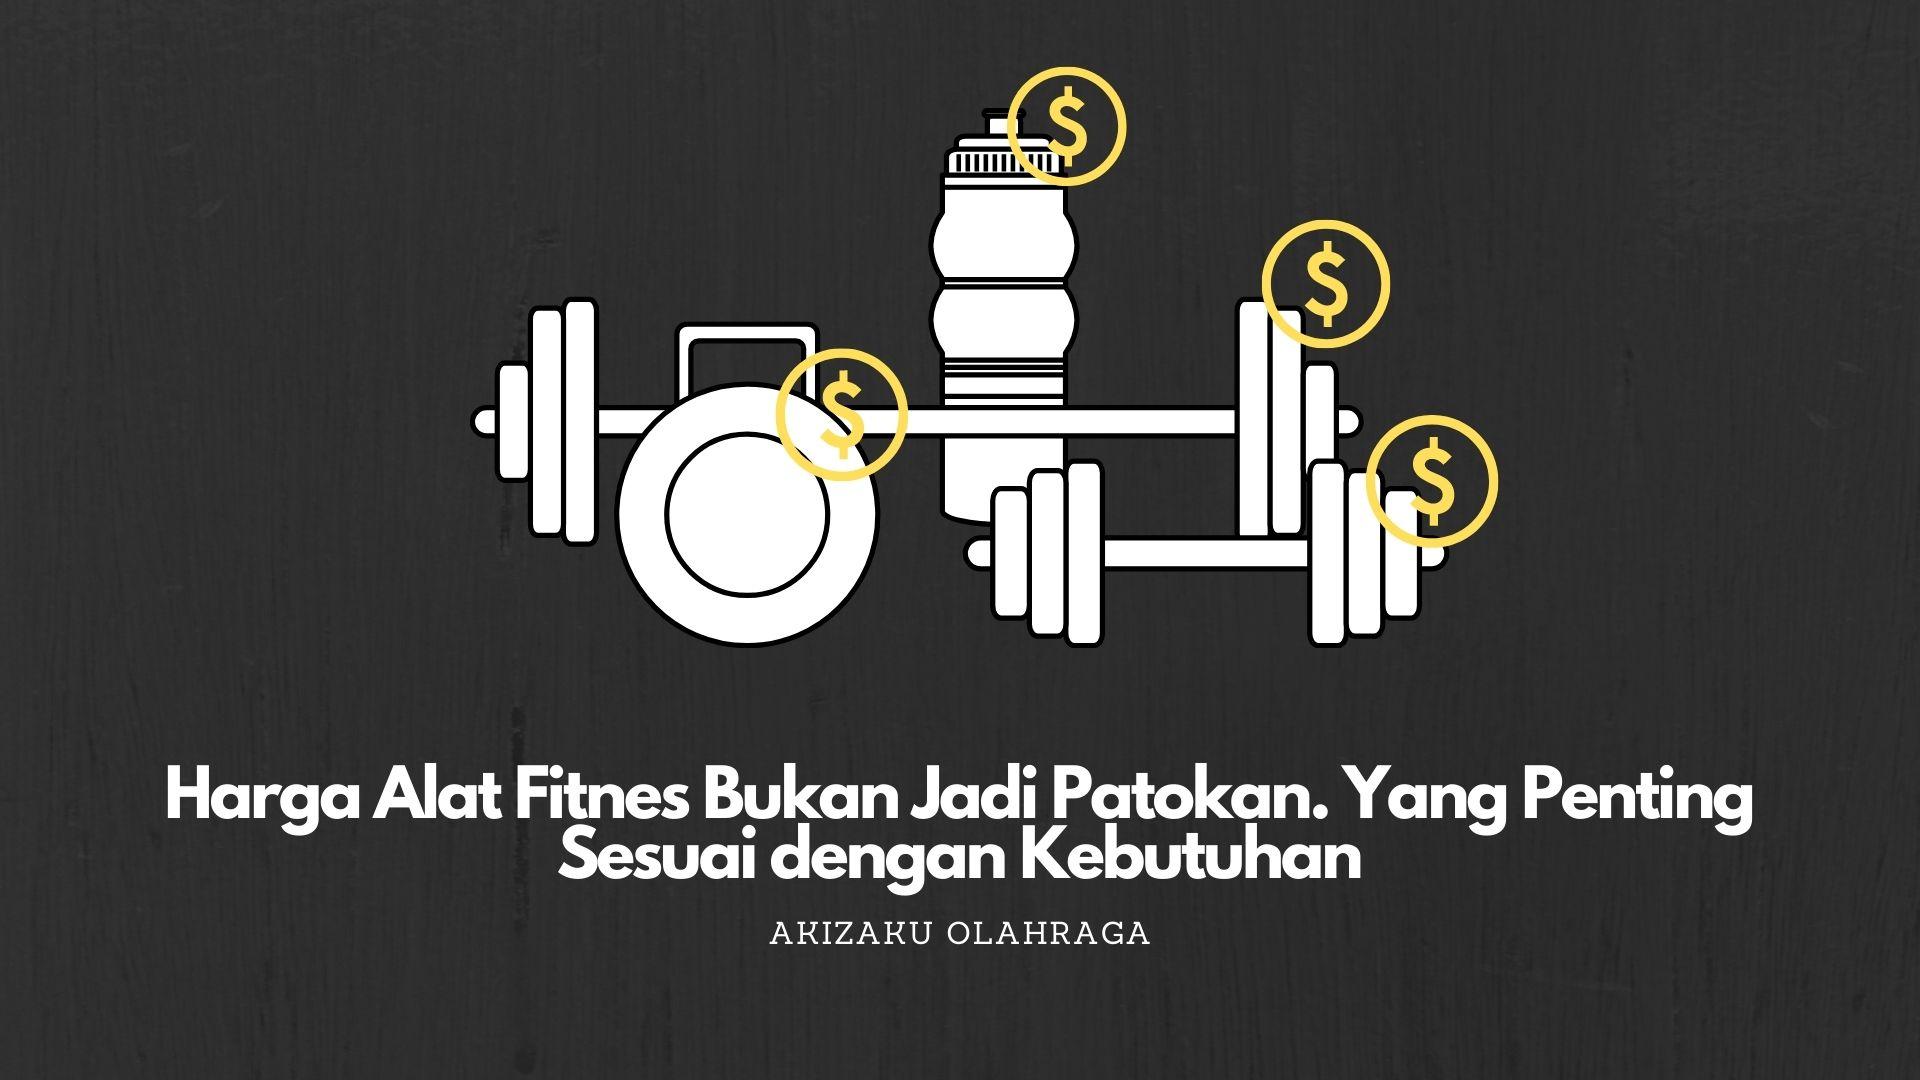 [Image: Harga-Alat-Fitnes-Bukan-Jadi-Patokan.-Me...utuhan.jpg]